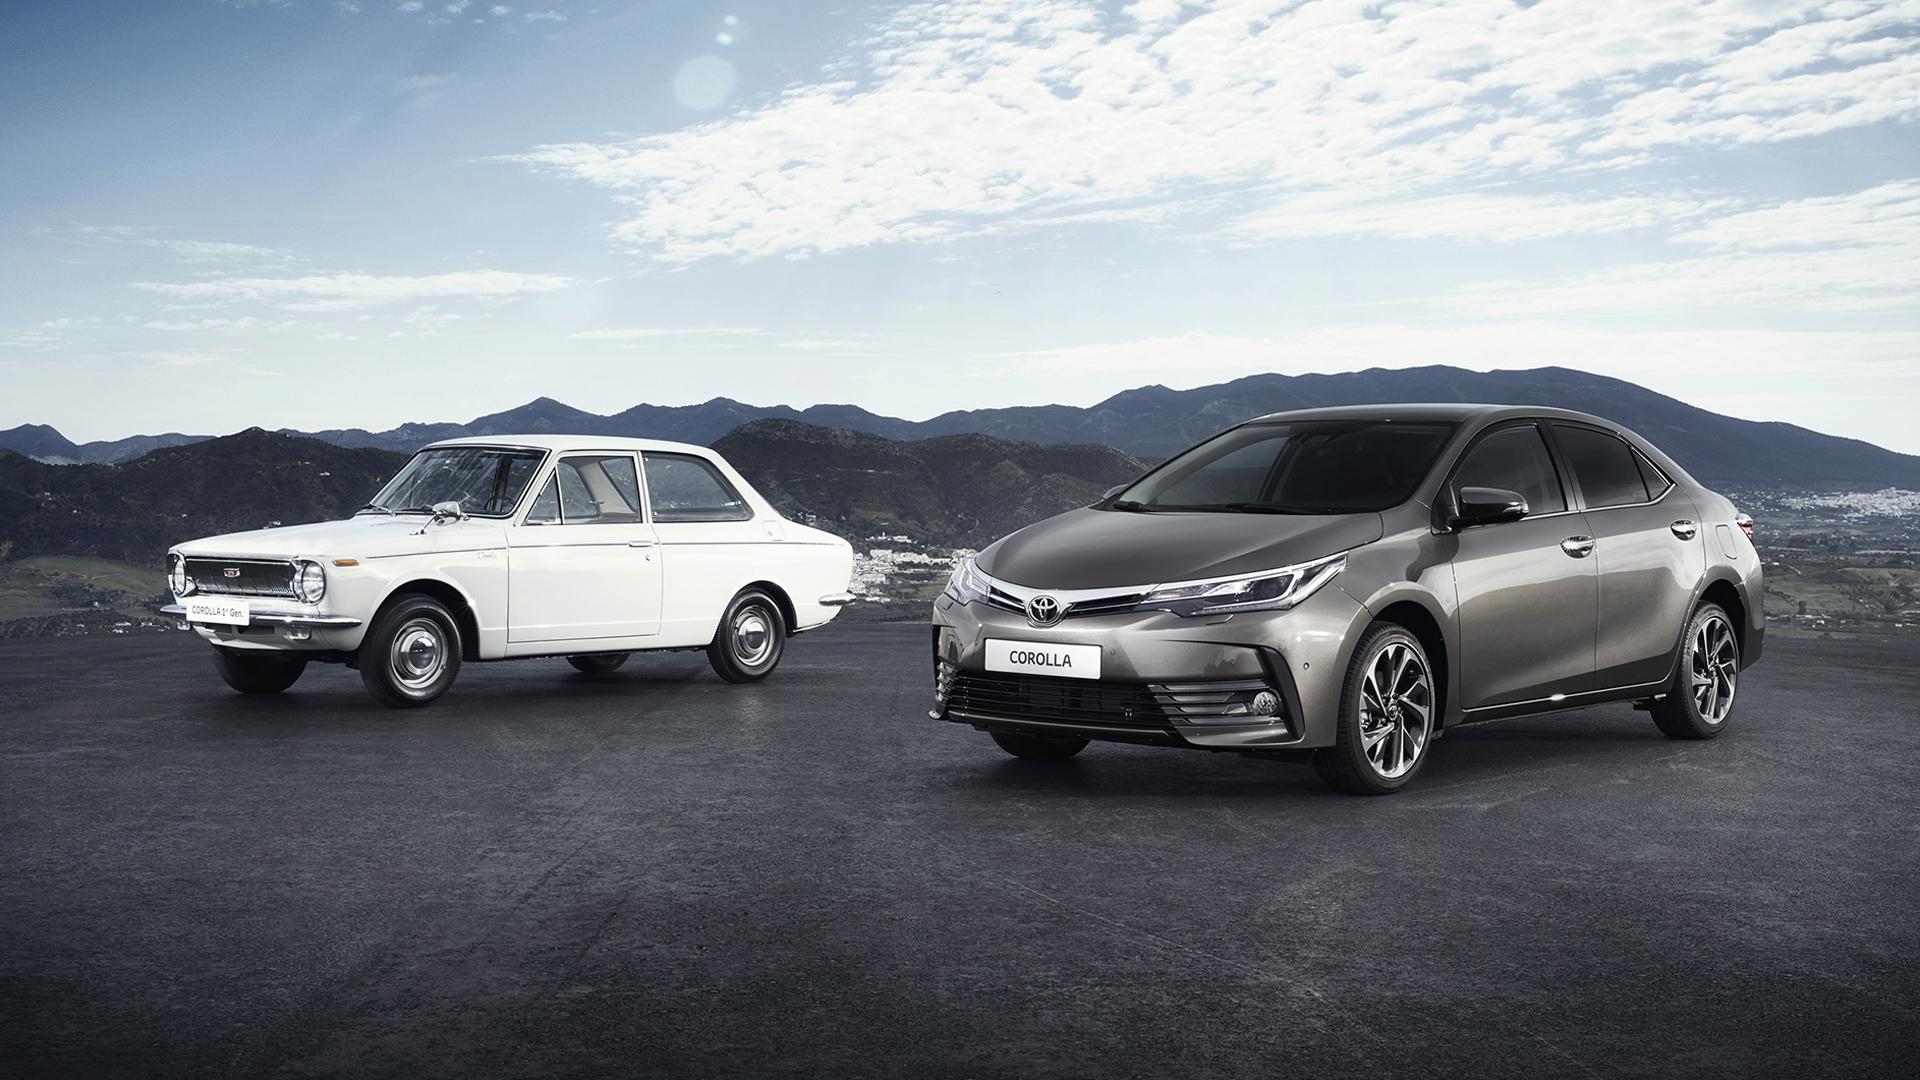 La primera y la última generación de Corolla. Los separan más de 50 años de historia.